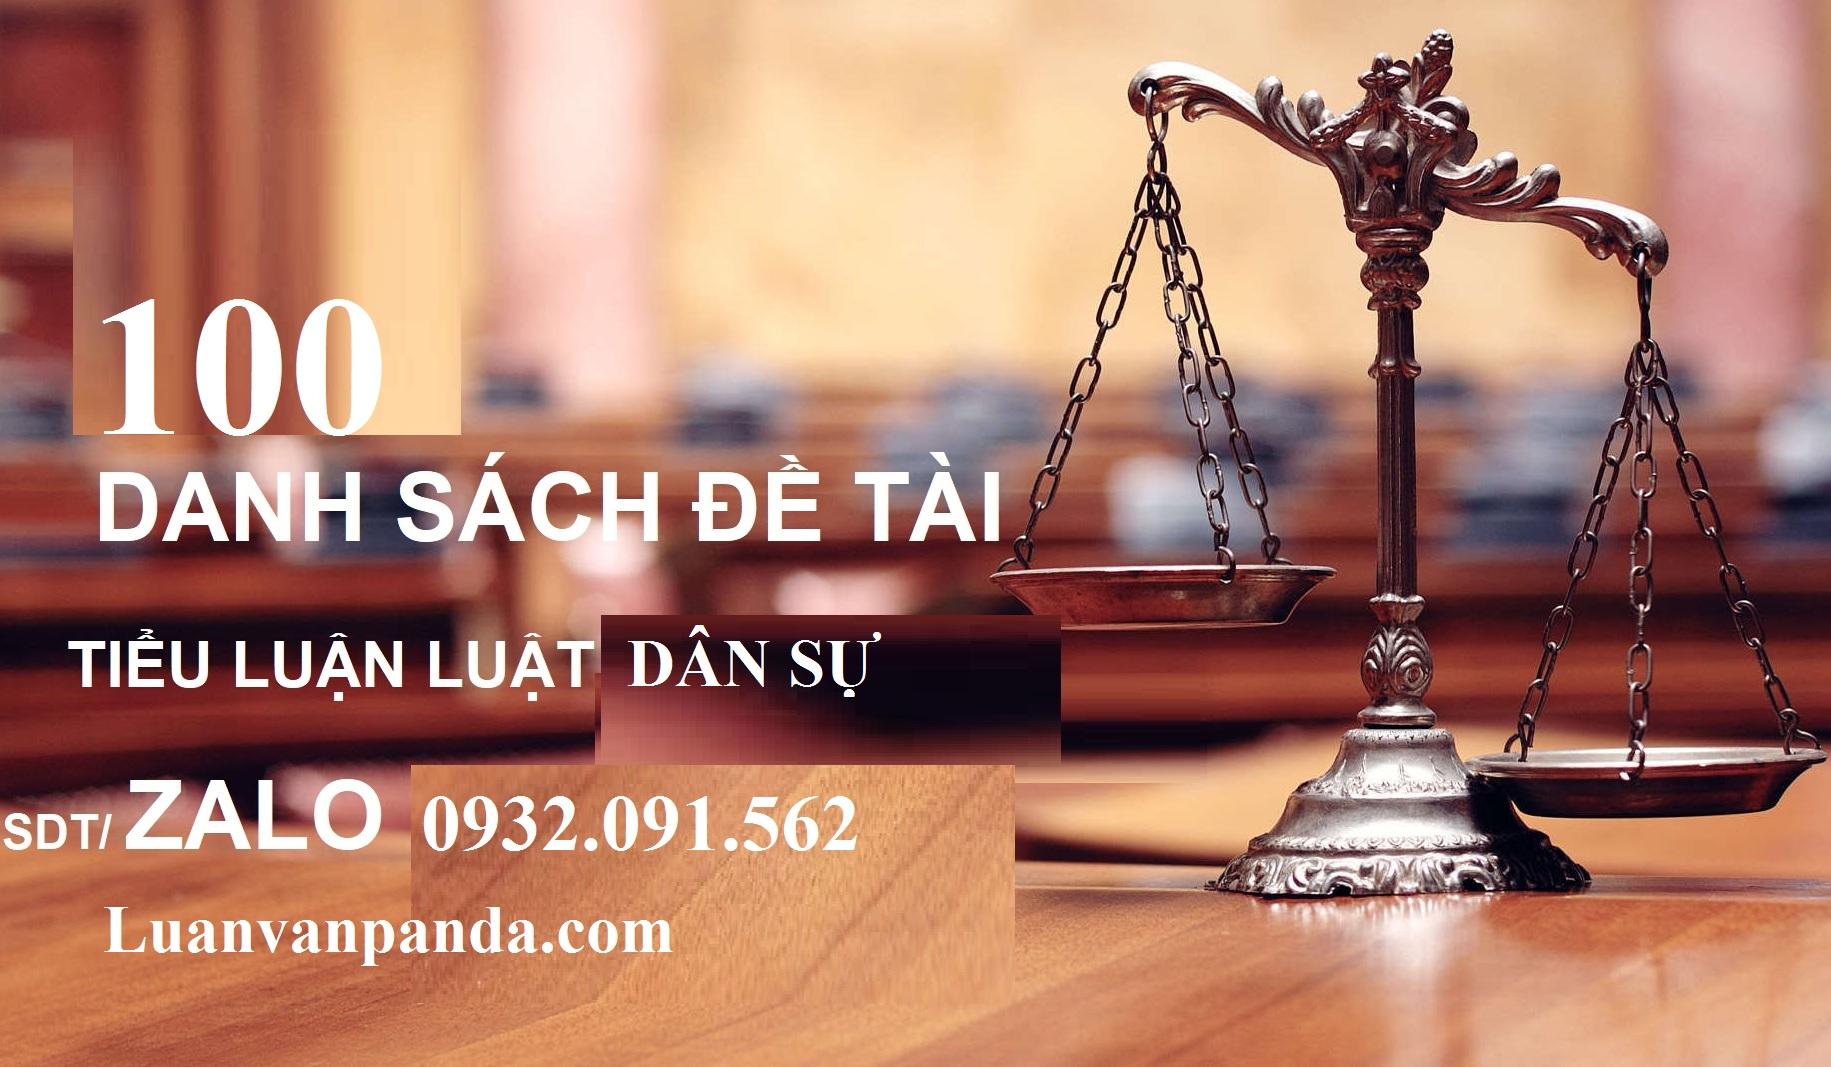 báo cáo thực tập tiểu luận cuối khóa Luật Dân sự